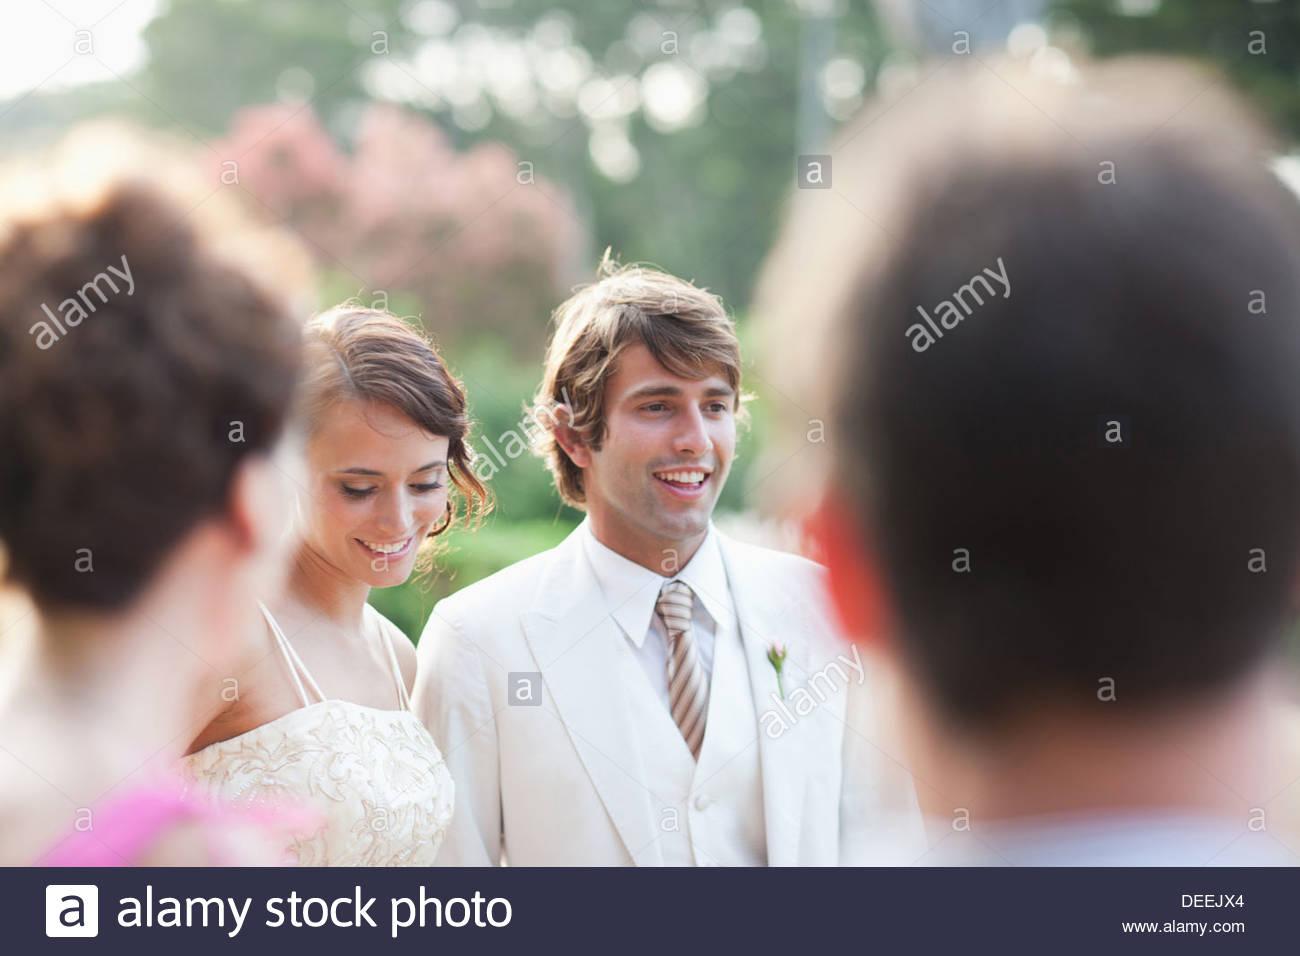 Los huéspedes viendo la novia y el novio Imagen De Stock